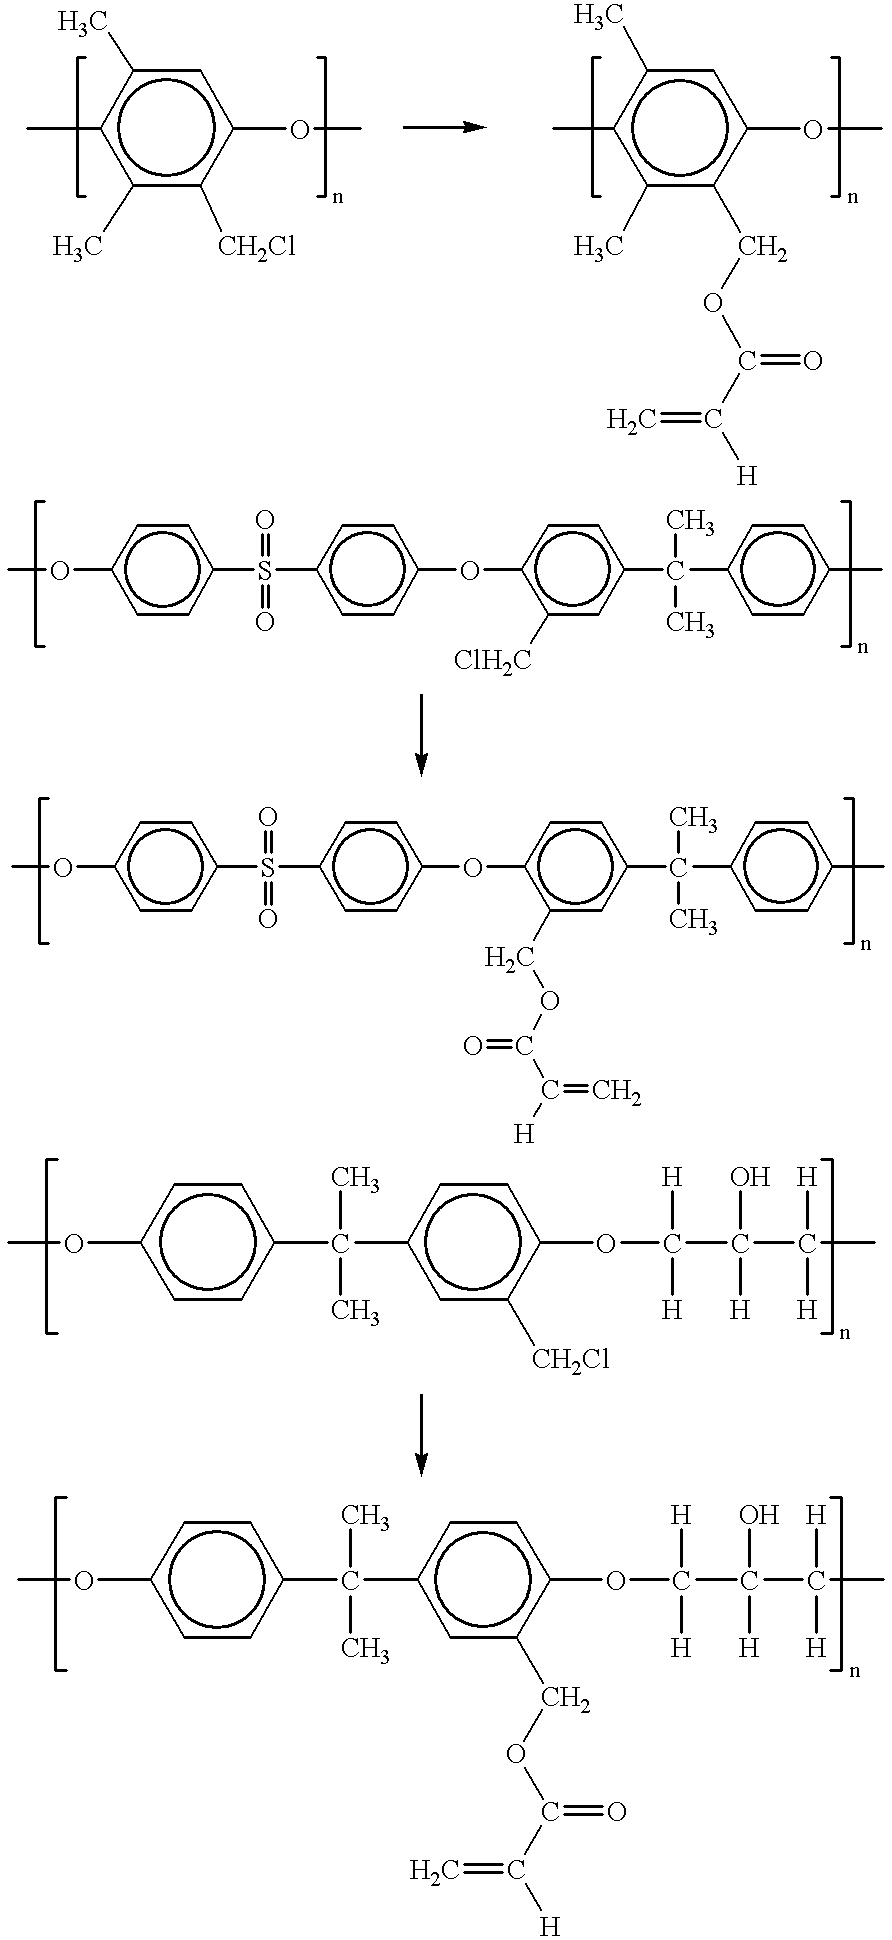 Figure US06273985-20010814-C00078